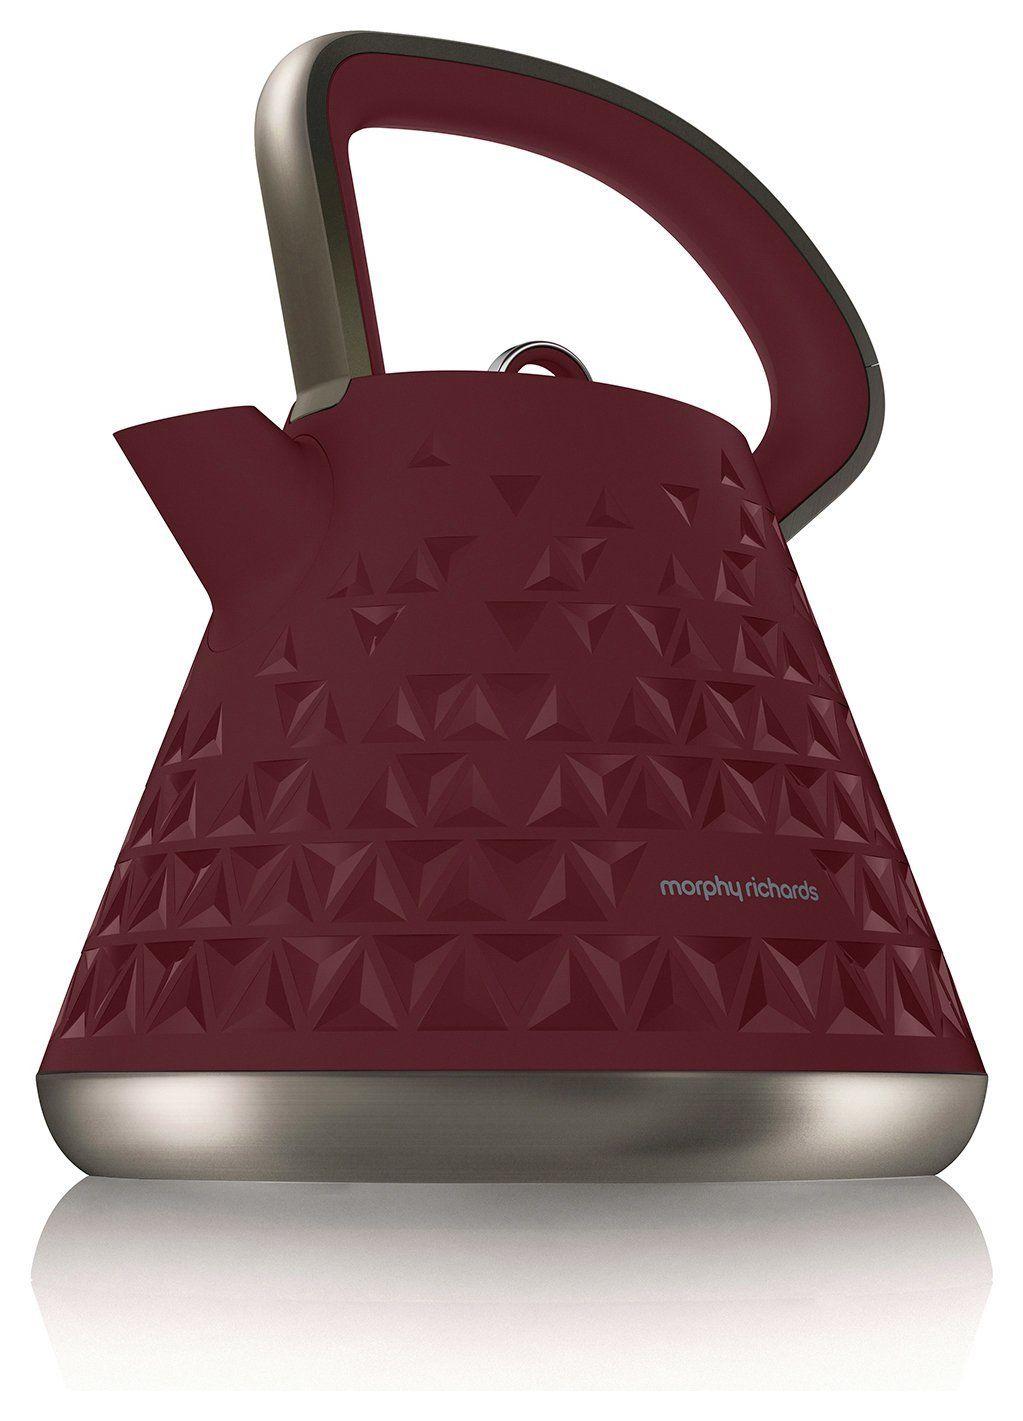 Morphy Richards 108103 3.1kW 1.5L Prism Rapid Boil Kettle Merlot, £14.99 at argos/ebay